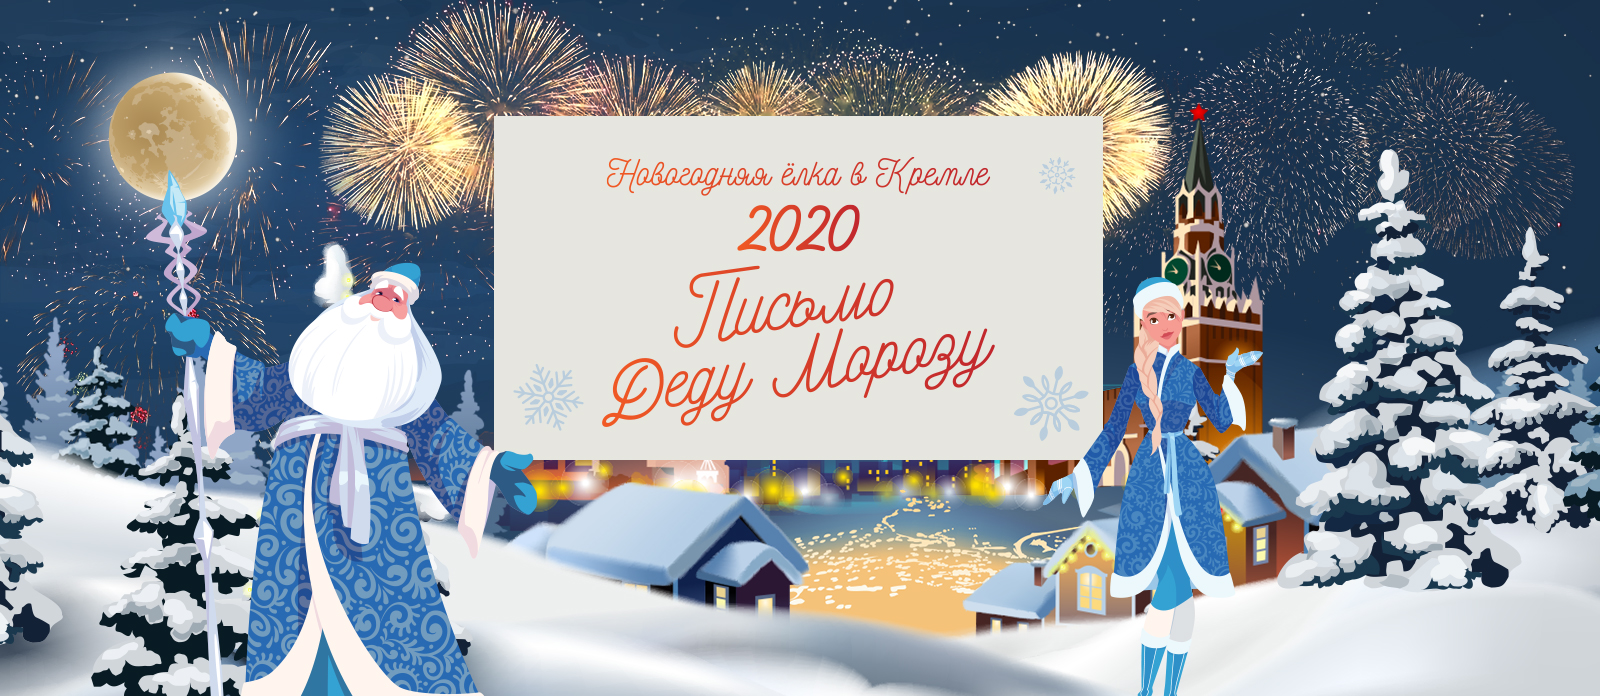 Новогодняя ёлка в Кремле «Письмо Деду Морозу»